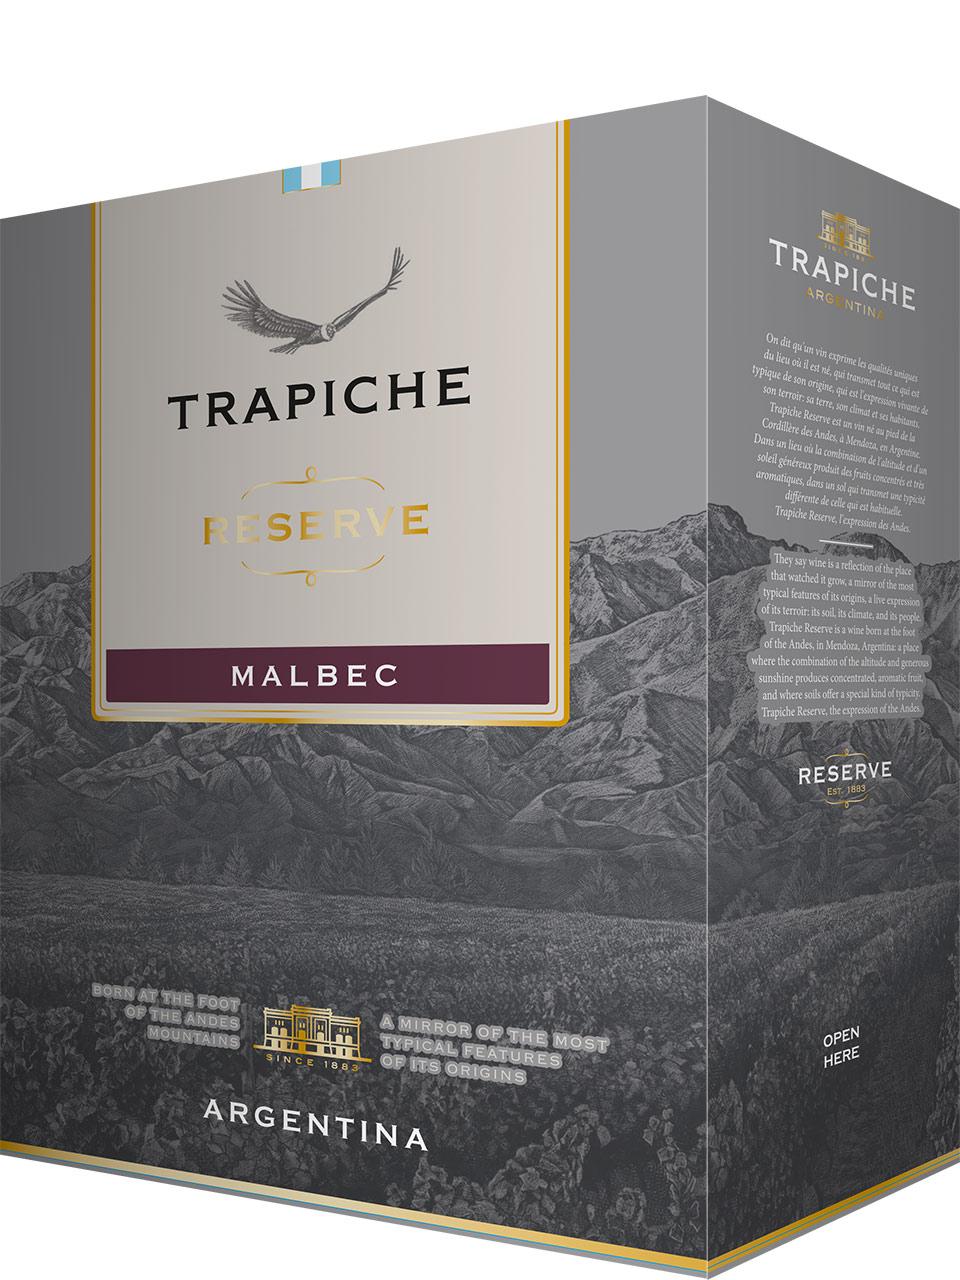 Trapiche Reserve Malbec